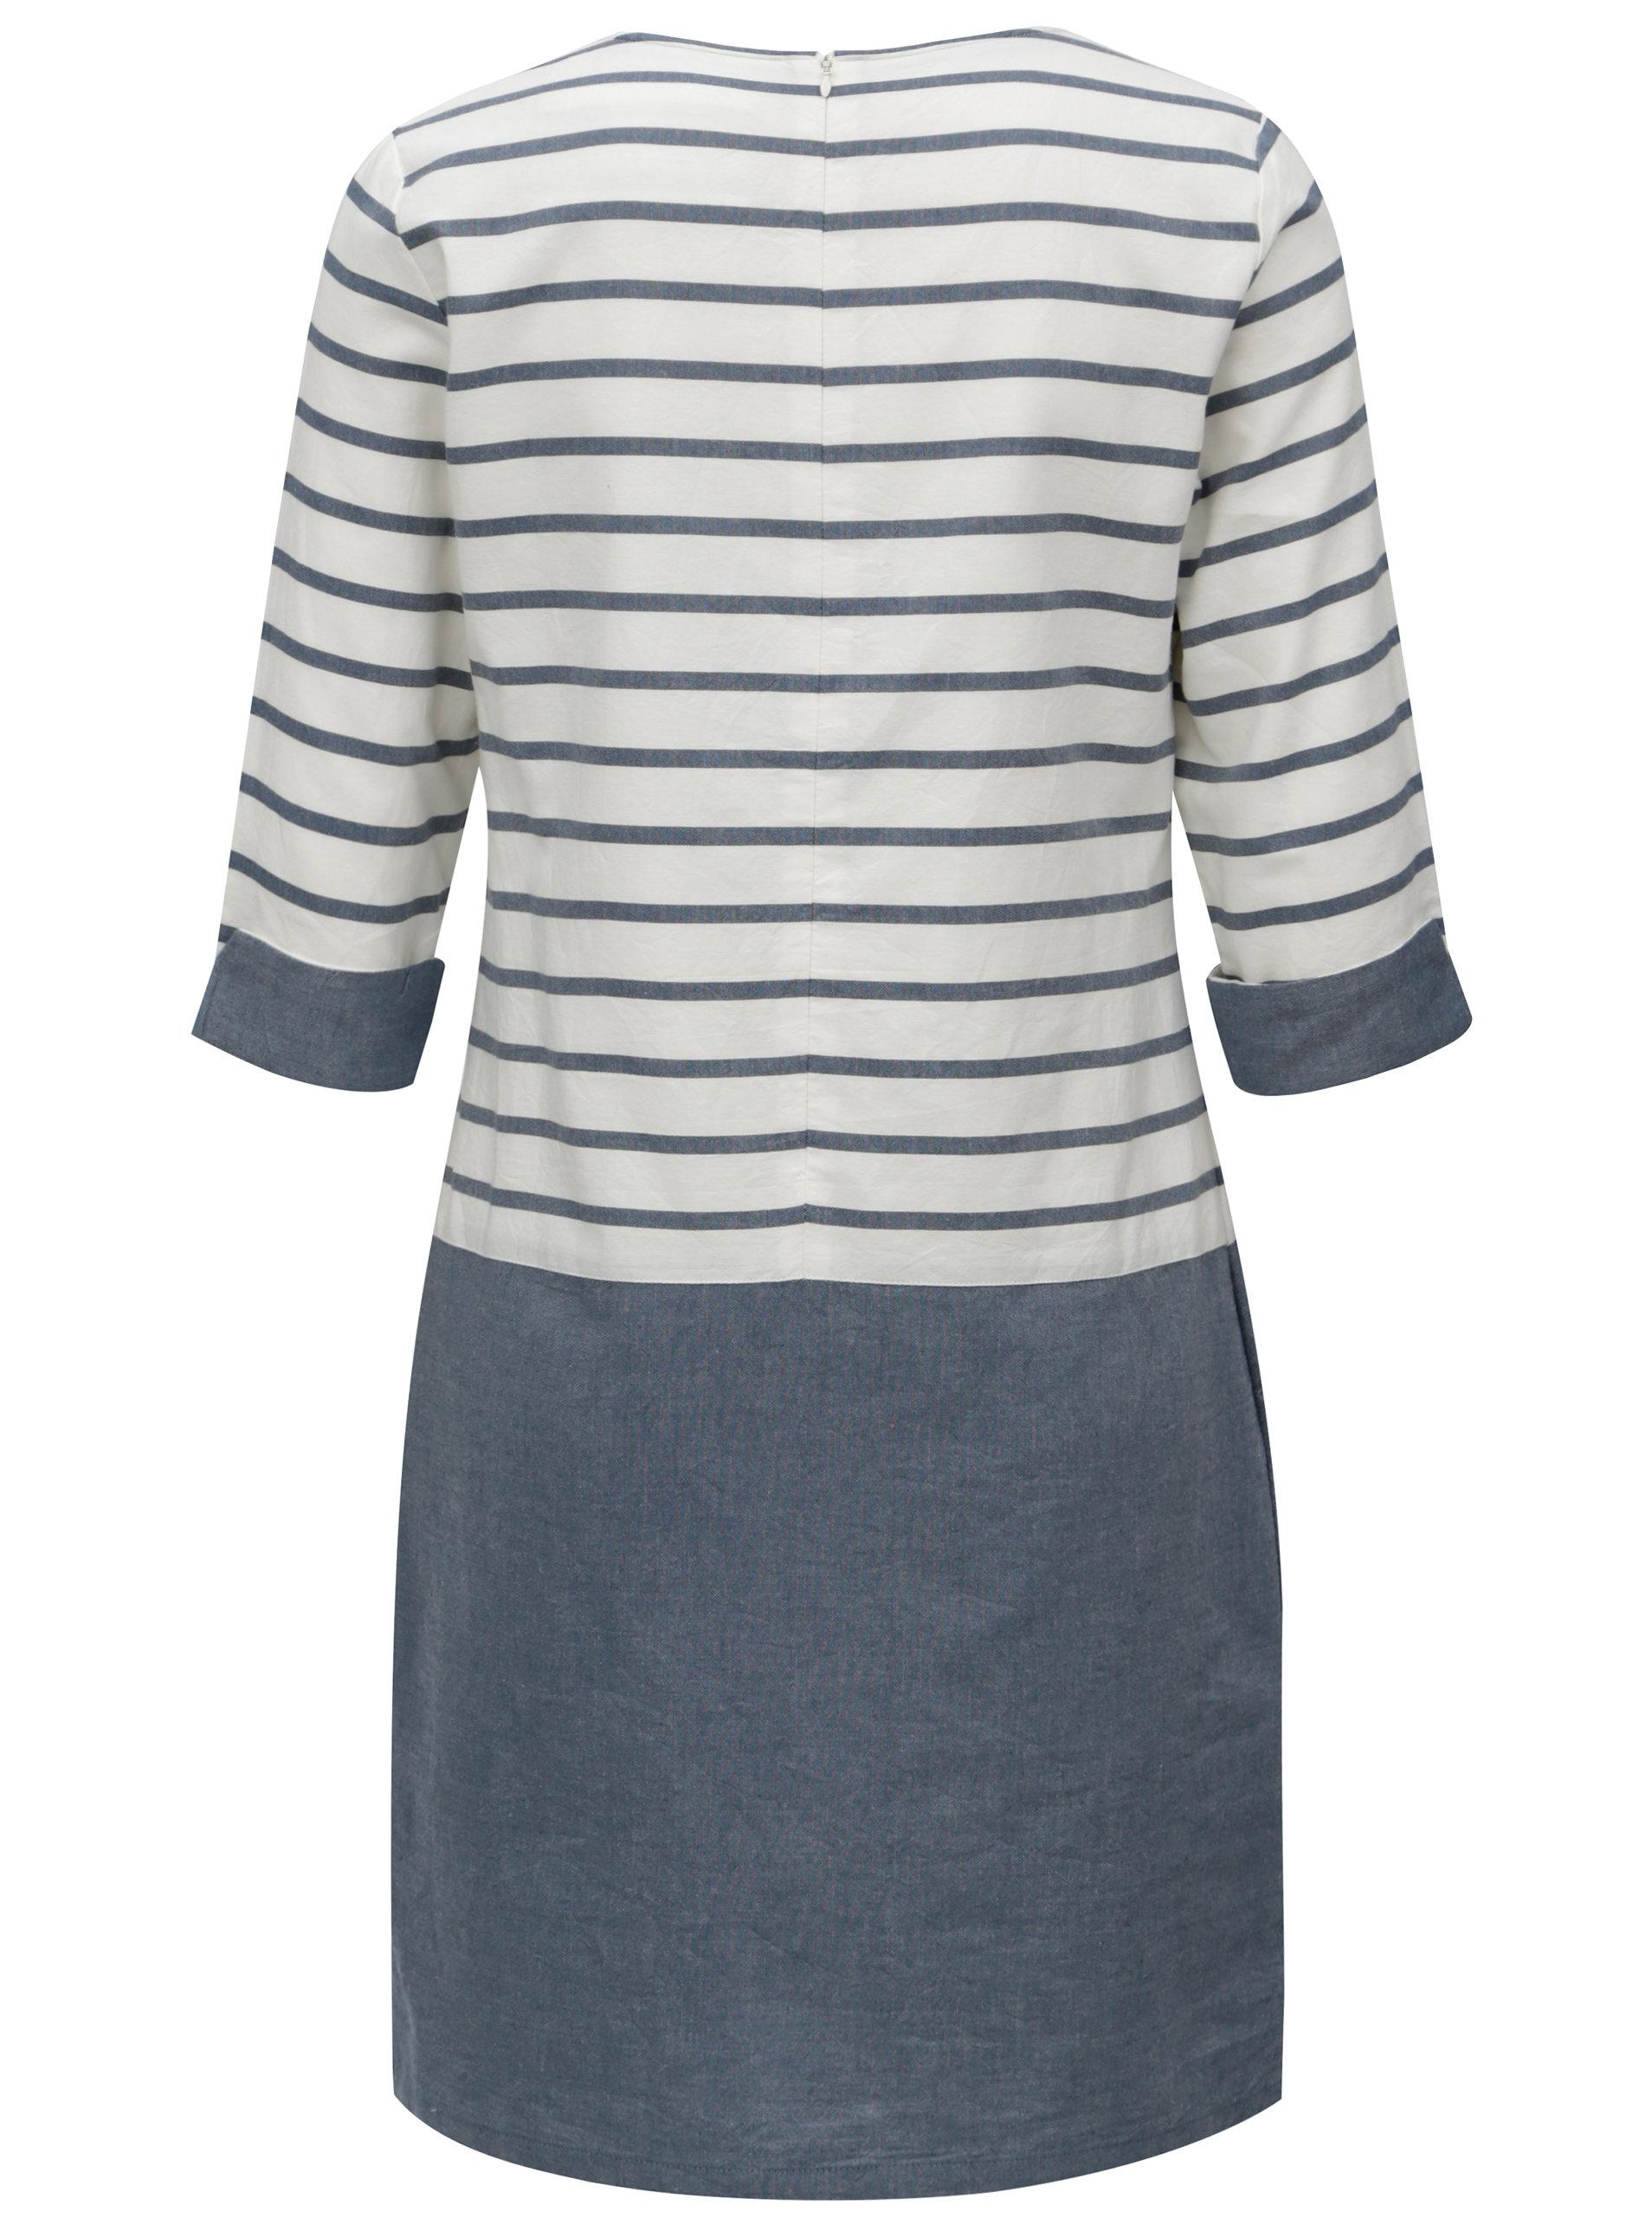 8c3dc0ee989 Modro-bílé pruhované šaty s 3 4 rukávem Brakeburn ...